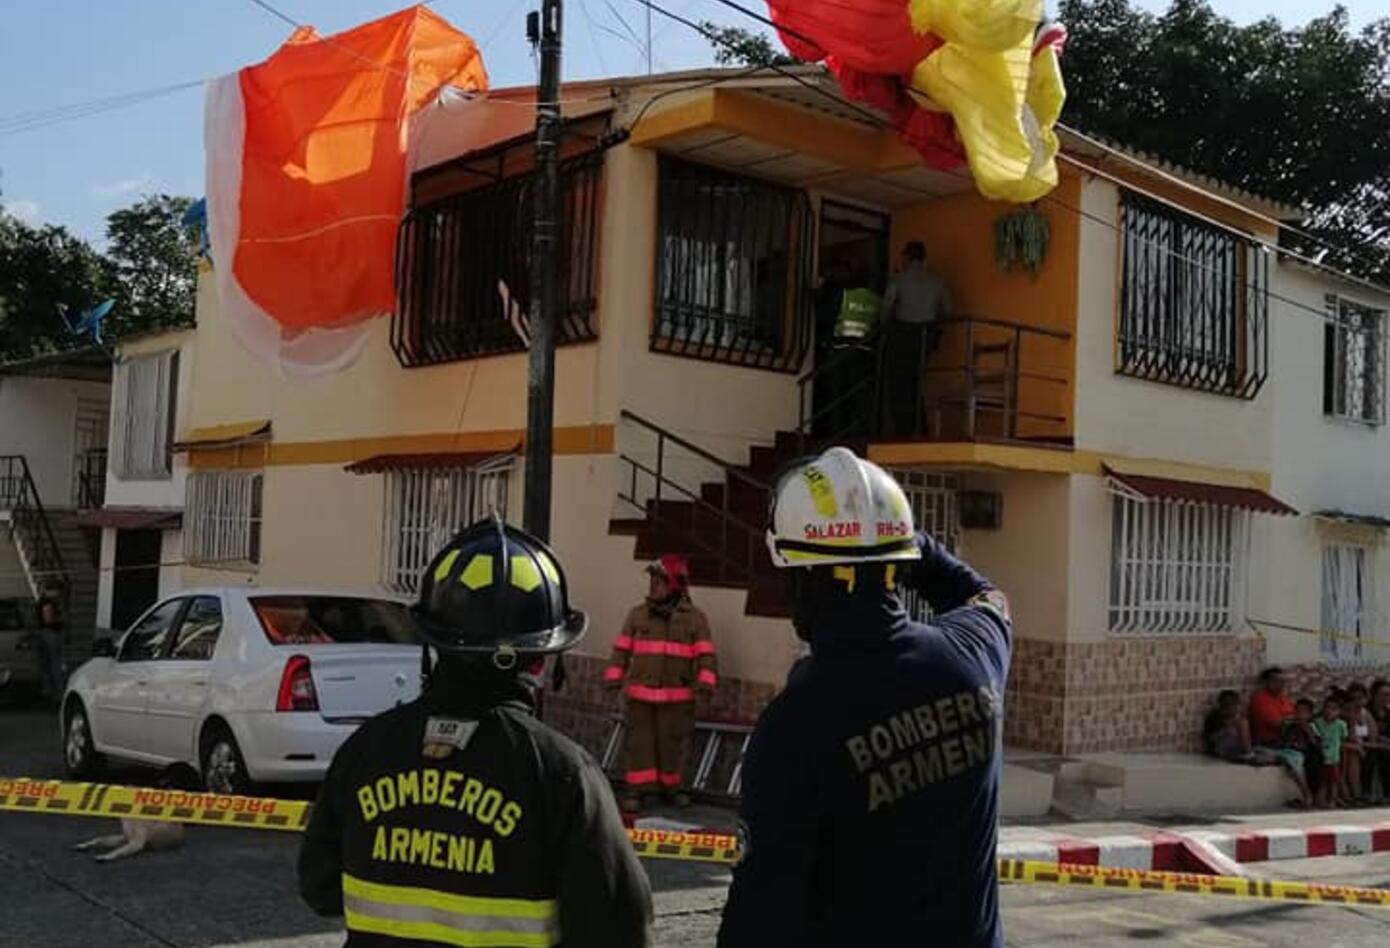 Parapentista caido en Armenia, Quindío - Bomberos Oficiales